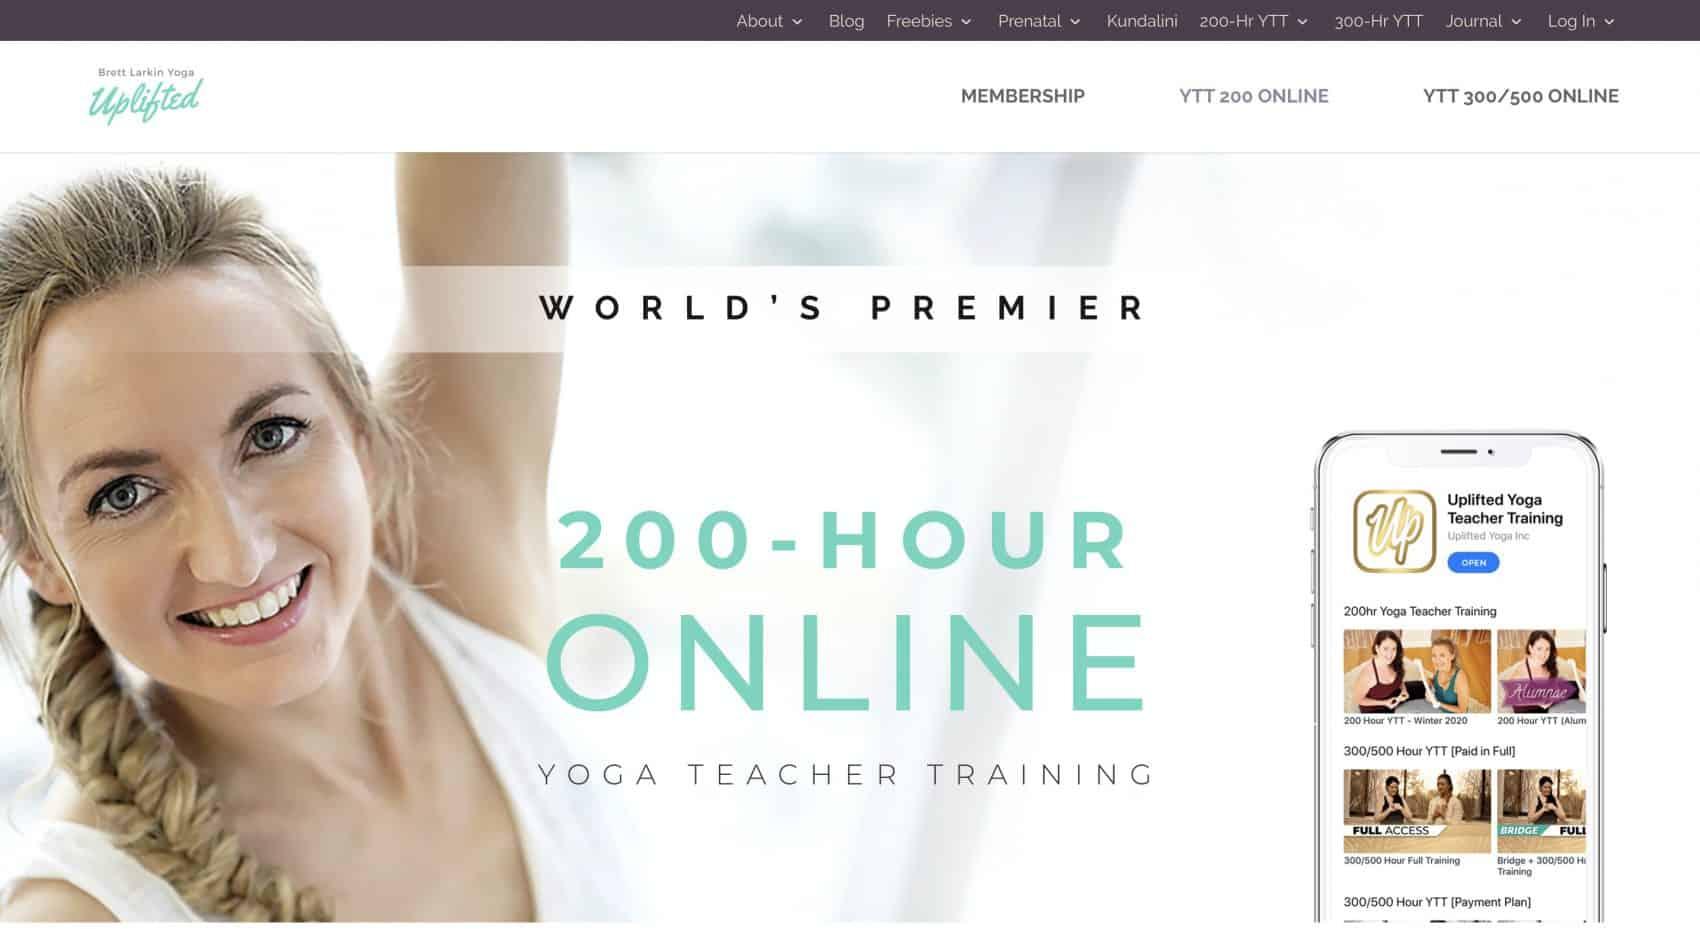 captura de la website, mujer rubia con pelo rizado, mejor yoga en línea entrenamiento para profesores YTT Alliance certificado Escuela Internacional de Yoga Online Hacerse profesor o profesora de yoga con un curso de monitor intensivo en linea